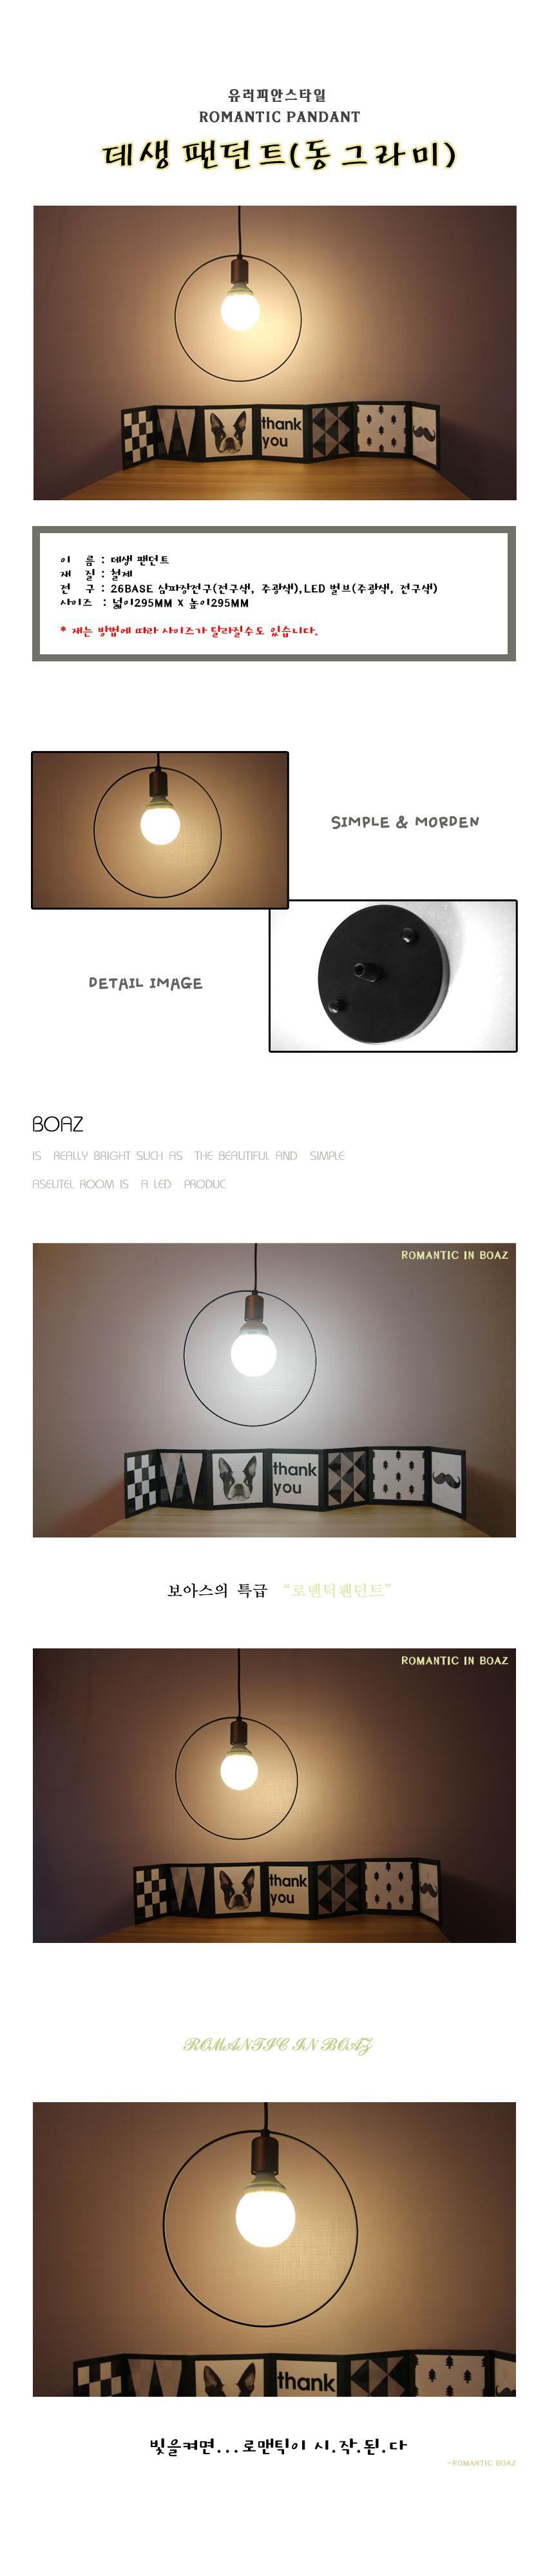 로맨틱팬던트-데생팬던트(동그라미) - 보아스라이팅, 18,400원, 디자인조명, 팬던트조명